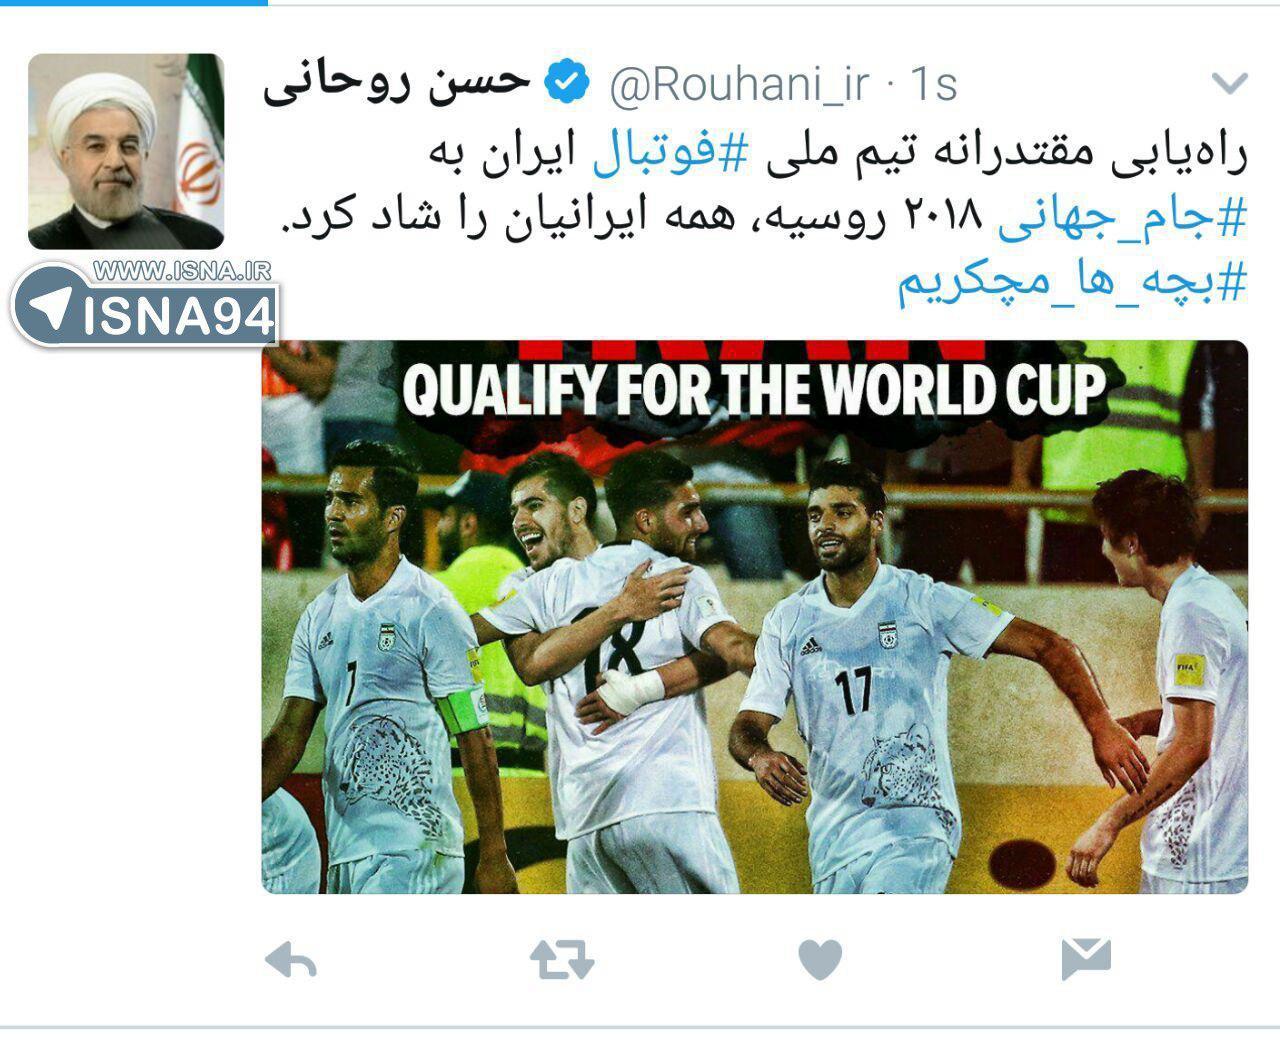 پست توییتری روحانی به مناسبت راهیابی تیم ملی فوتبال ایران به جام جهانی روسیه